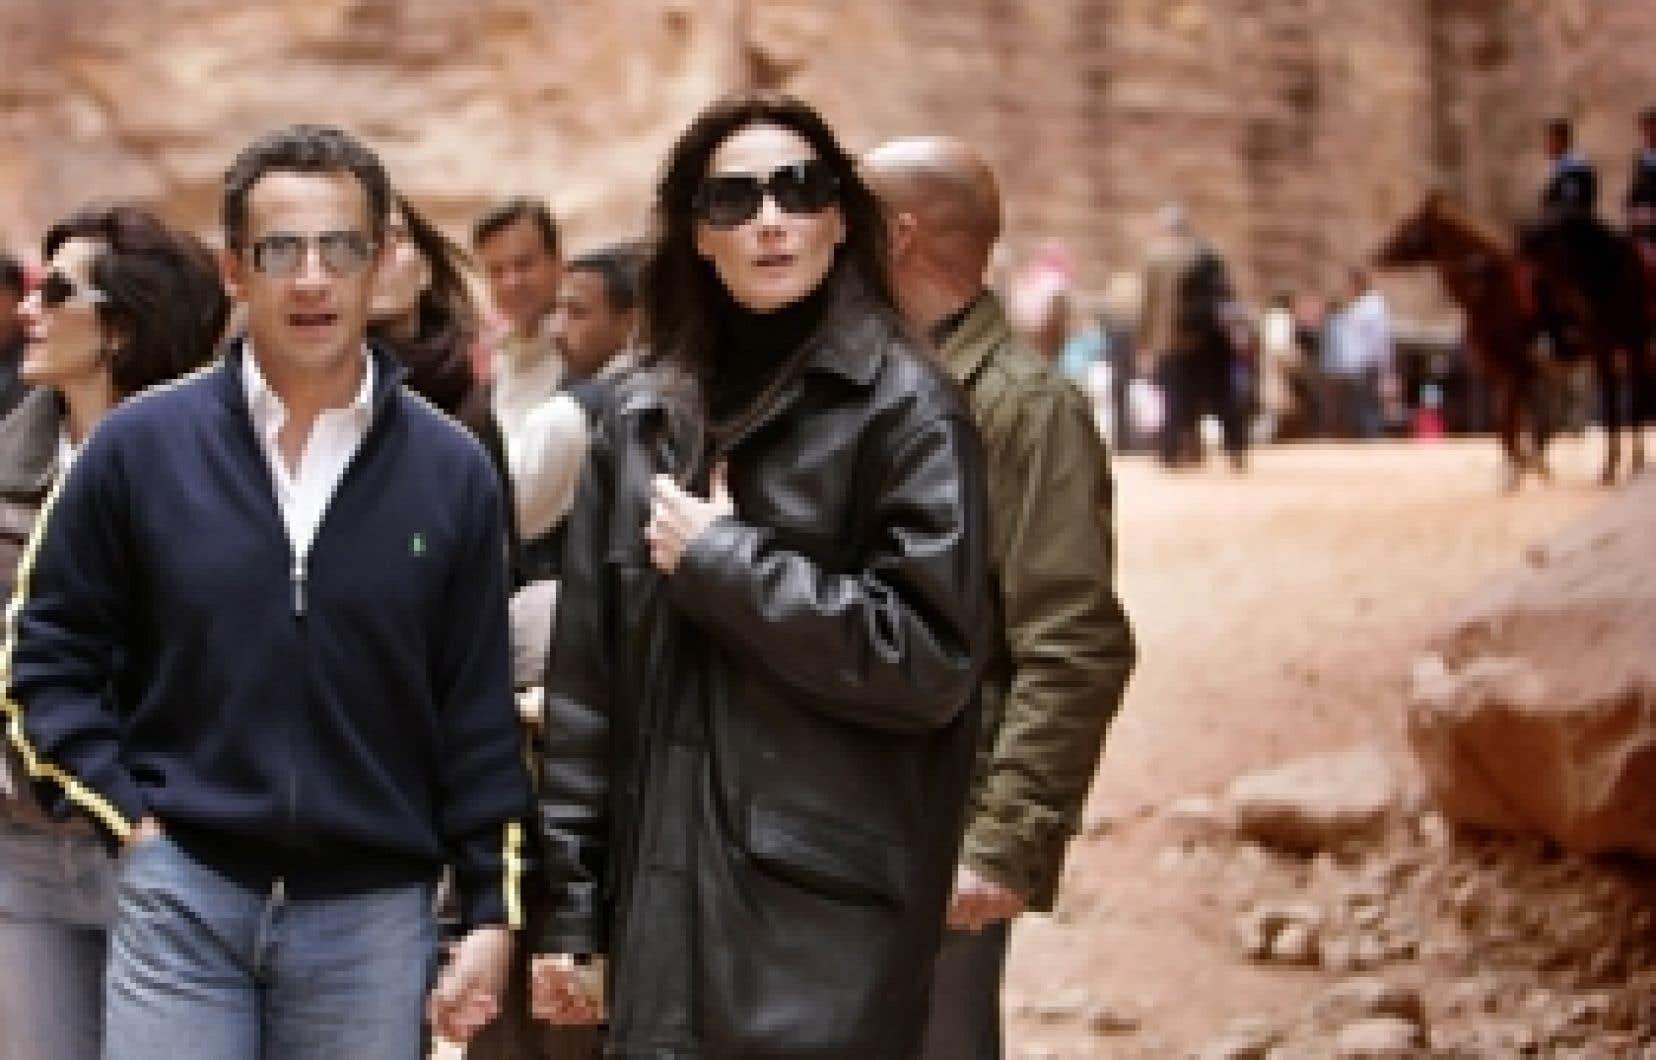 Samedi, Nicolas Sarkozy et sa compagne, Carla Bruni, ont posé devant les ruines de Petra, en Jordanie. Les Français sont 63 % à estimer que le président affiche trop sa vie privée.